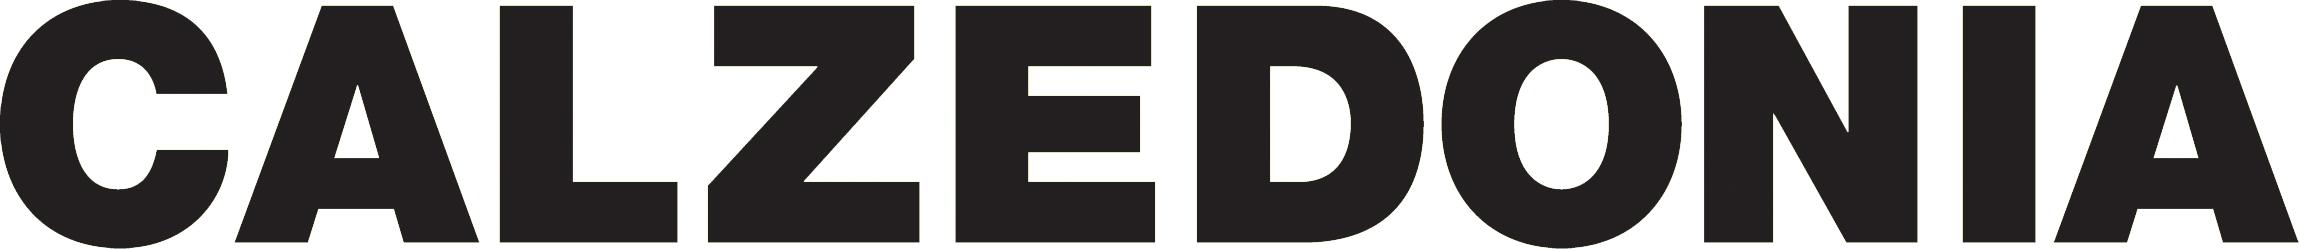 impianti filtri fumo portfolio logo (10)